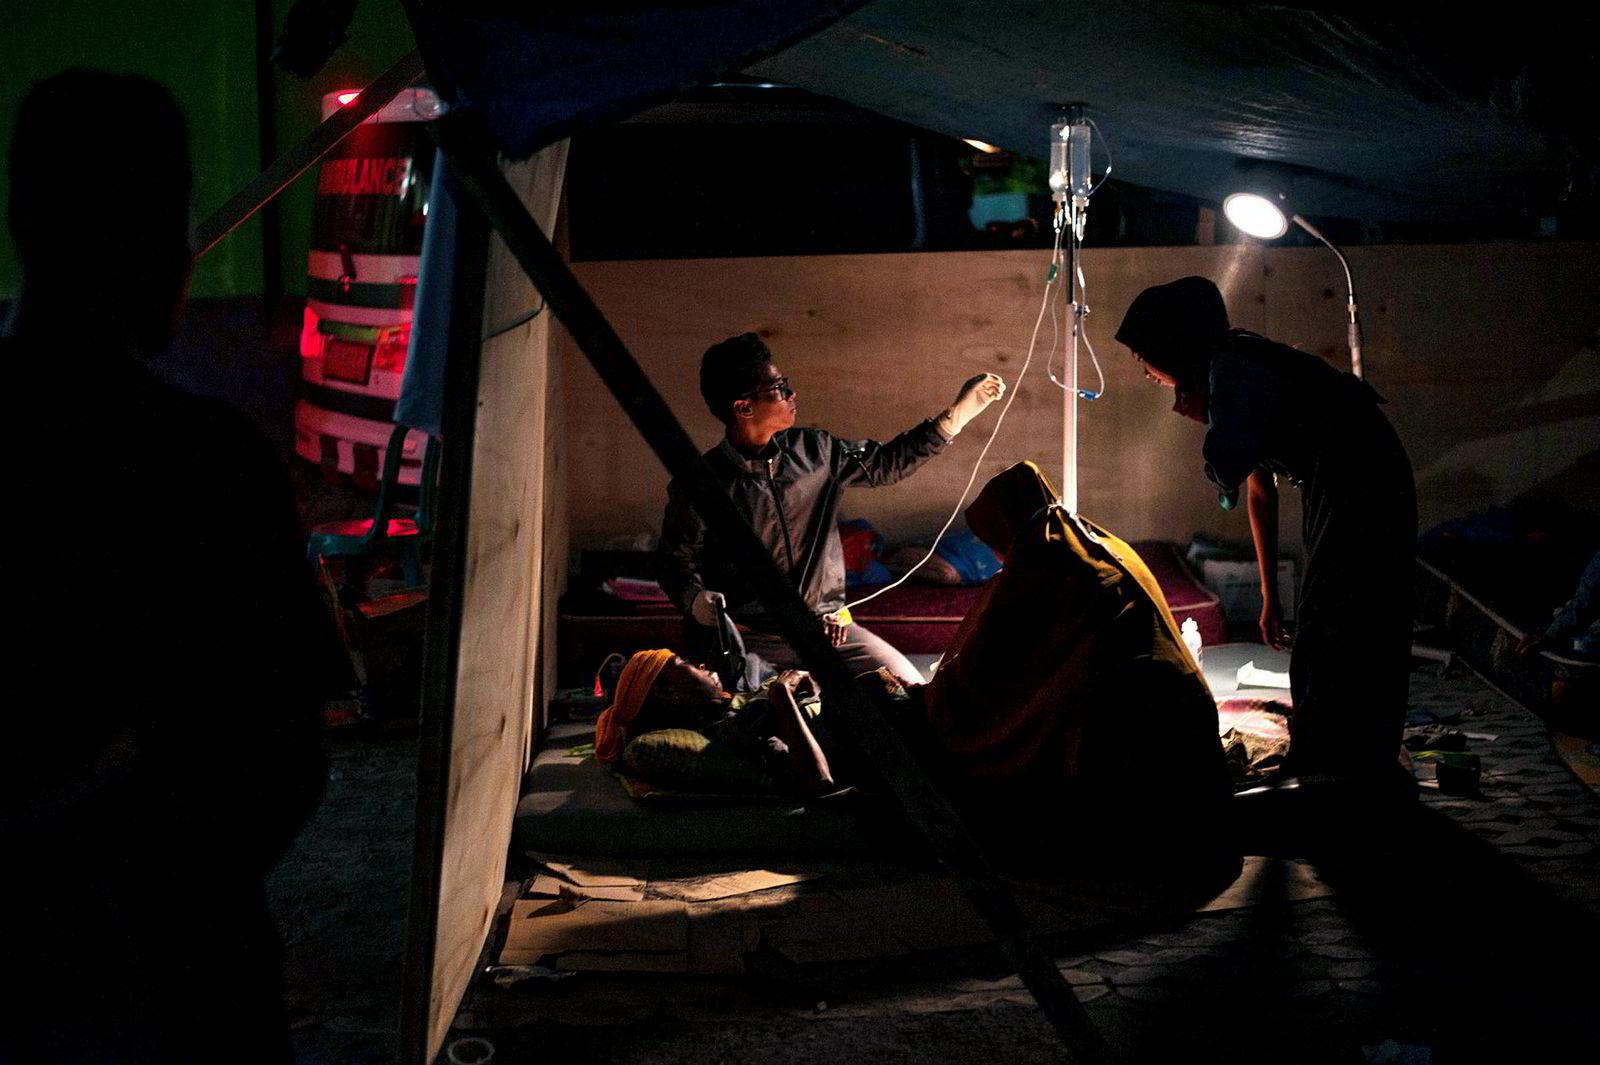 En lege pleier et jordskjelvoffer på et midlertidig sykehus satt opp på Lombok-øya.